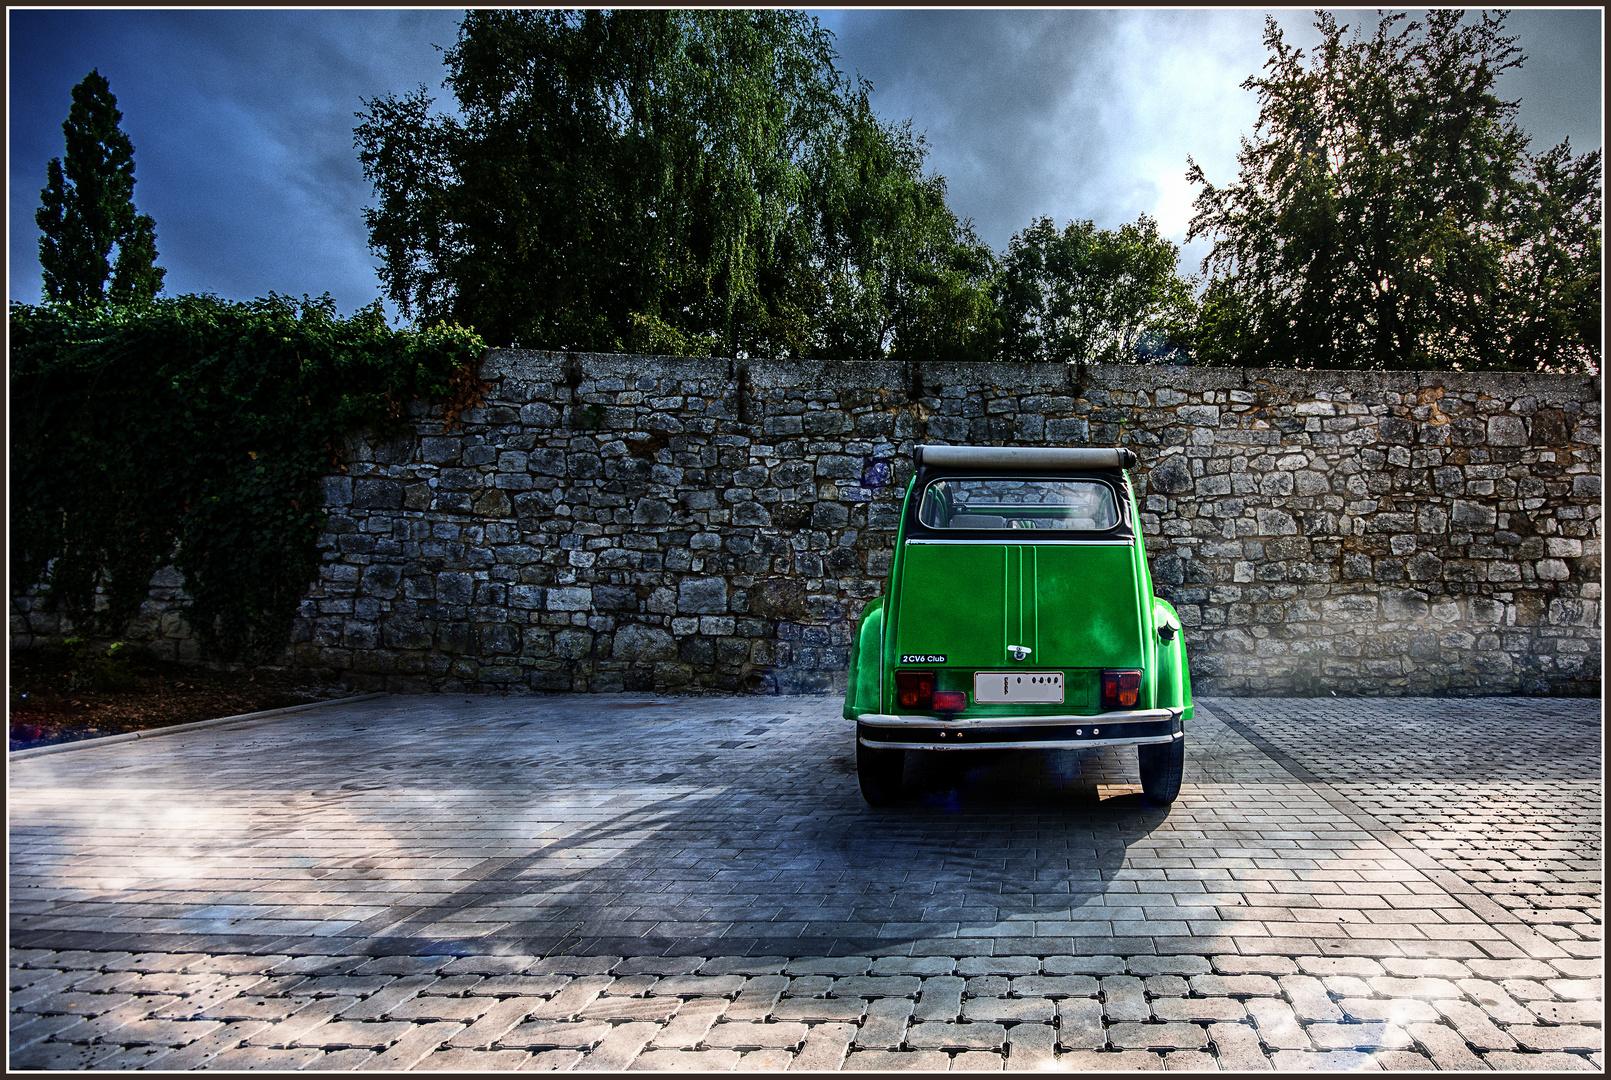 Nostalgie in grün ..